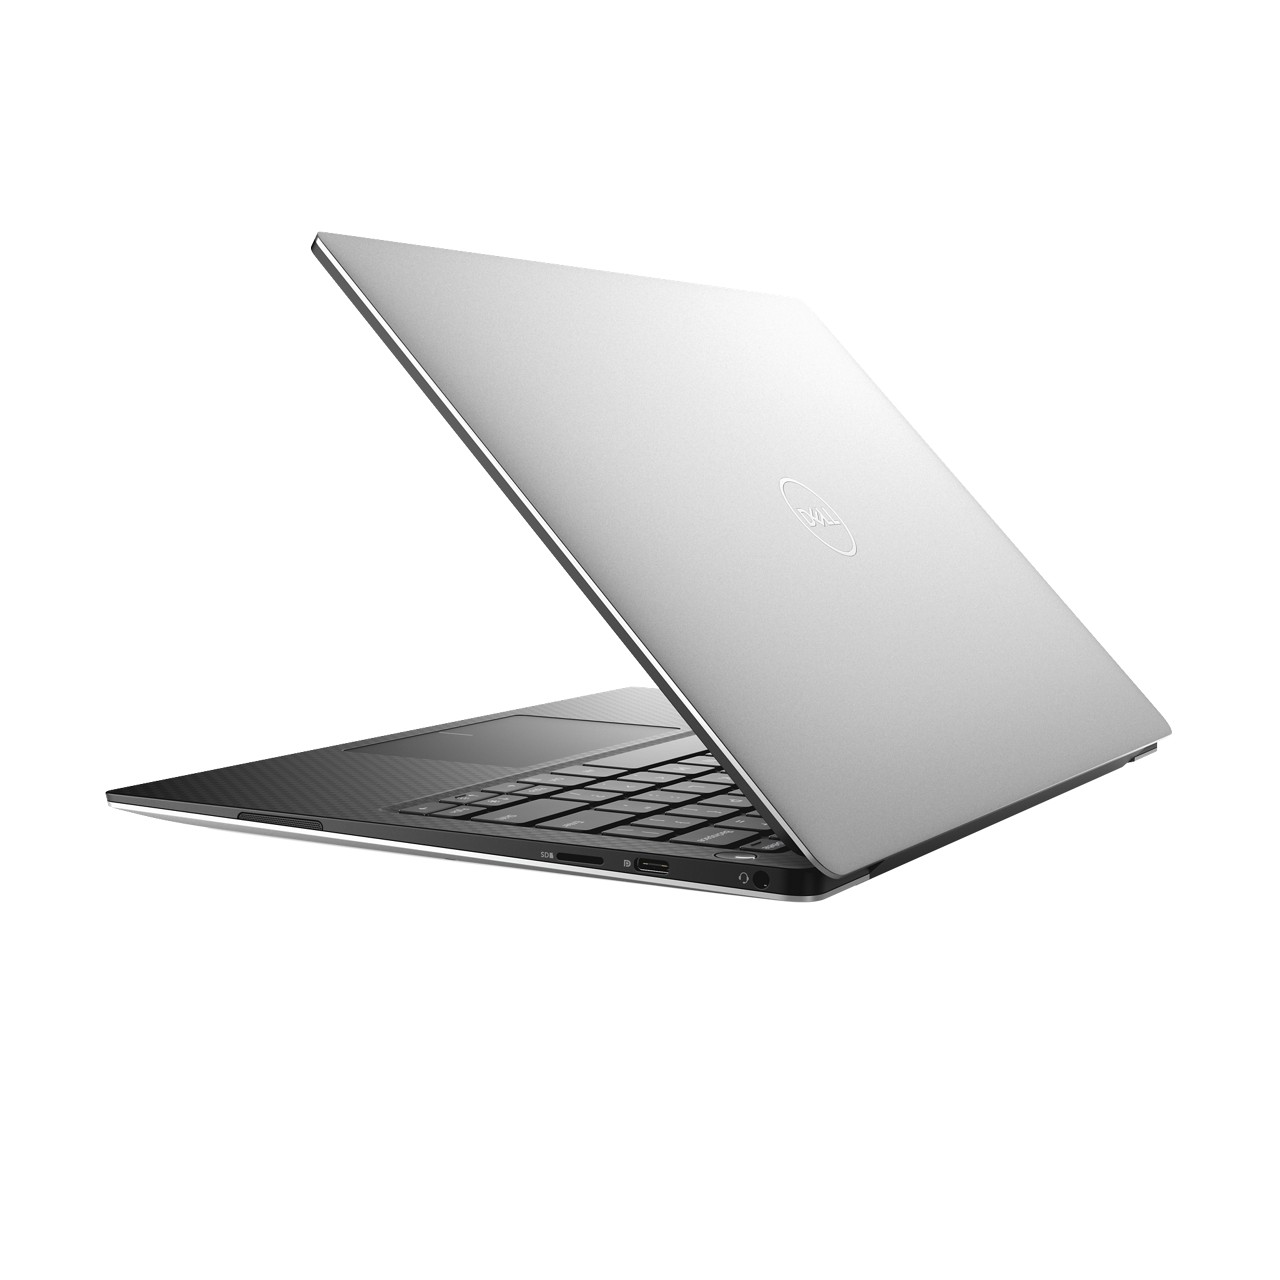 Dell XPS 13 - CES 2019